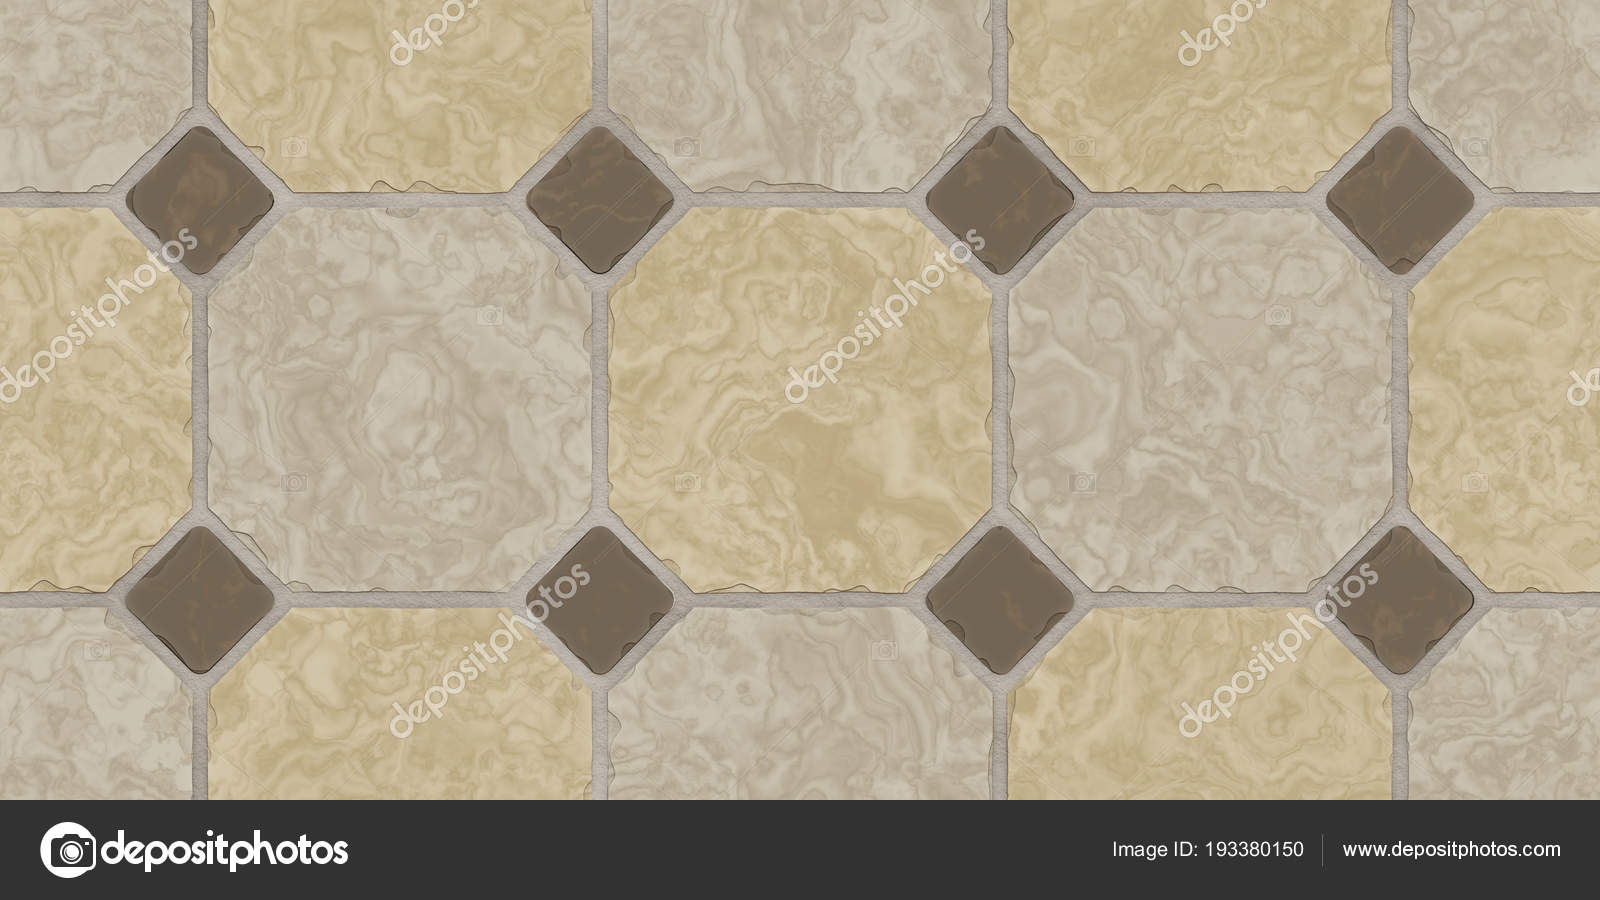 Beige Braun Nahtlose Klassische Fußboden Fliesen Textur. Einfache Küche,  Toilette Oder Bad Mosaikfliesen Hintergrund. 3D Rendering.